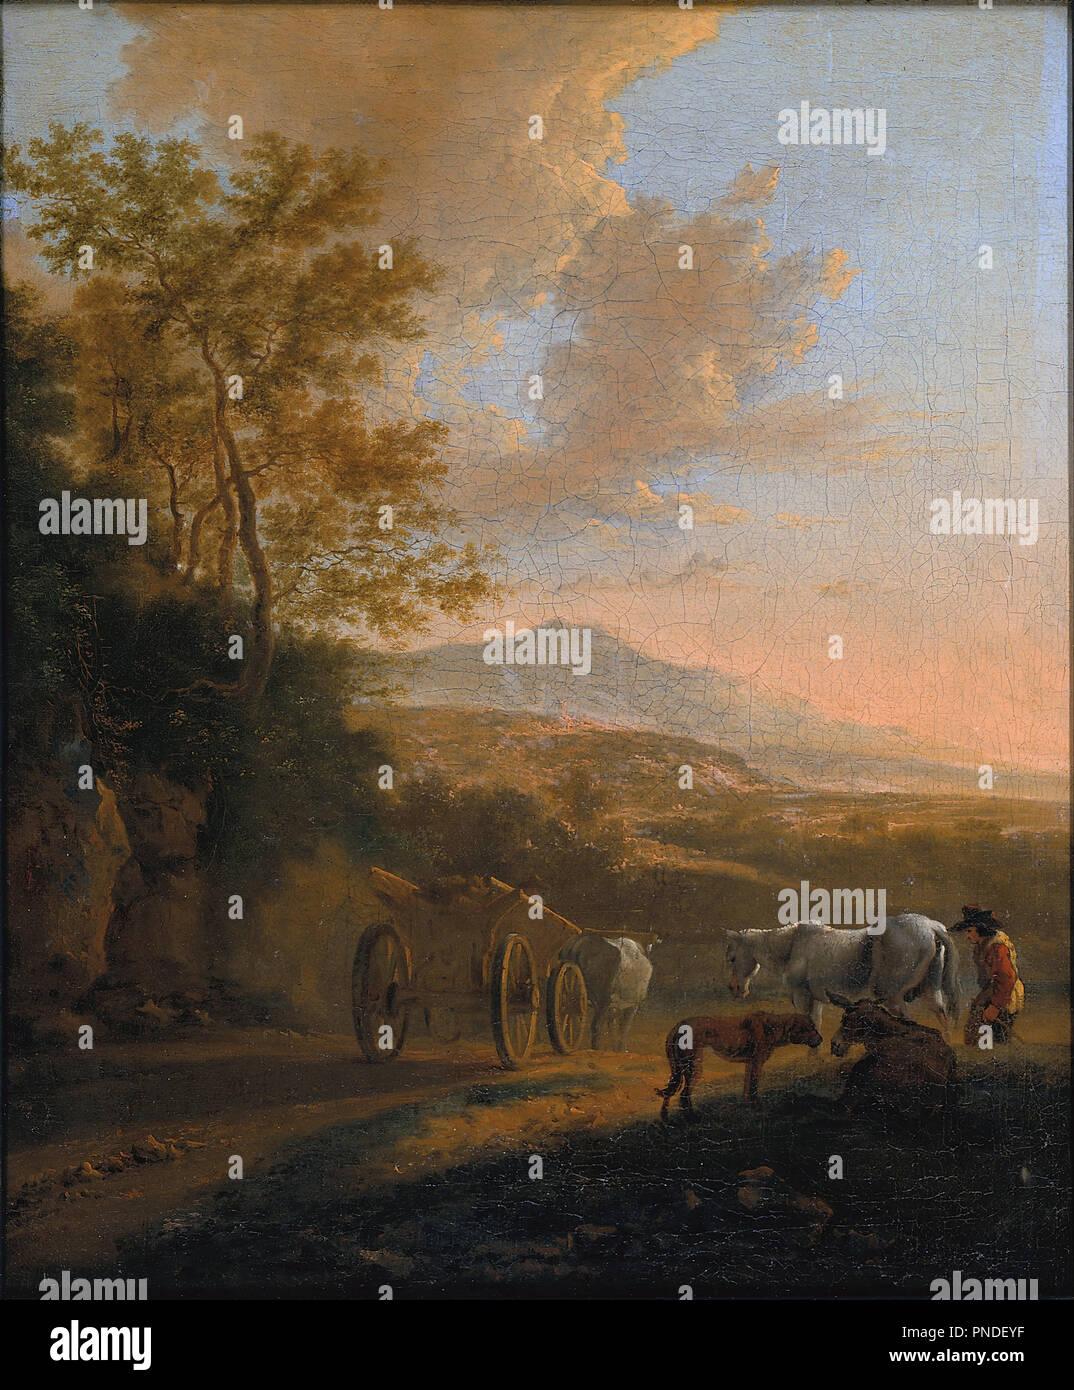 Niederlandische Und Flamische Renaissance Malerei Hisour Kunst